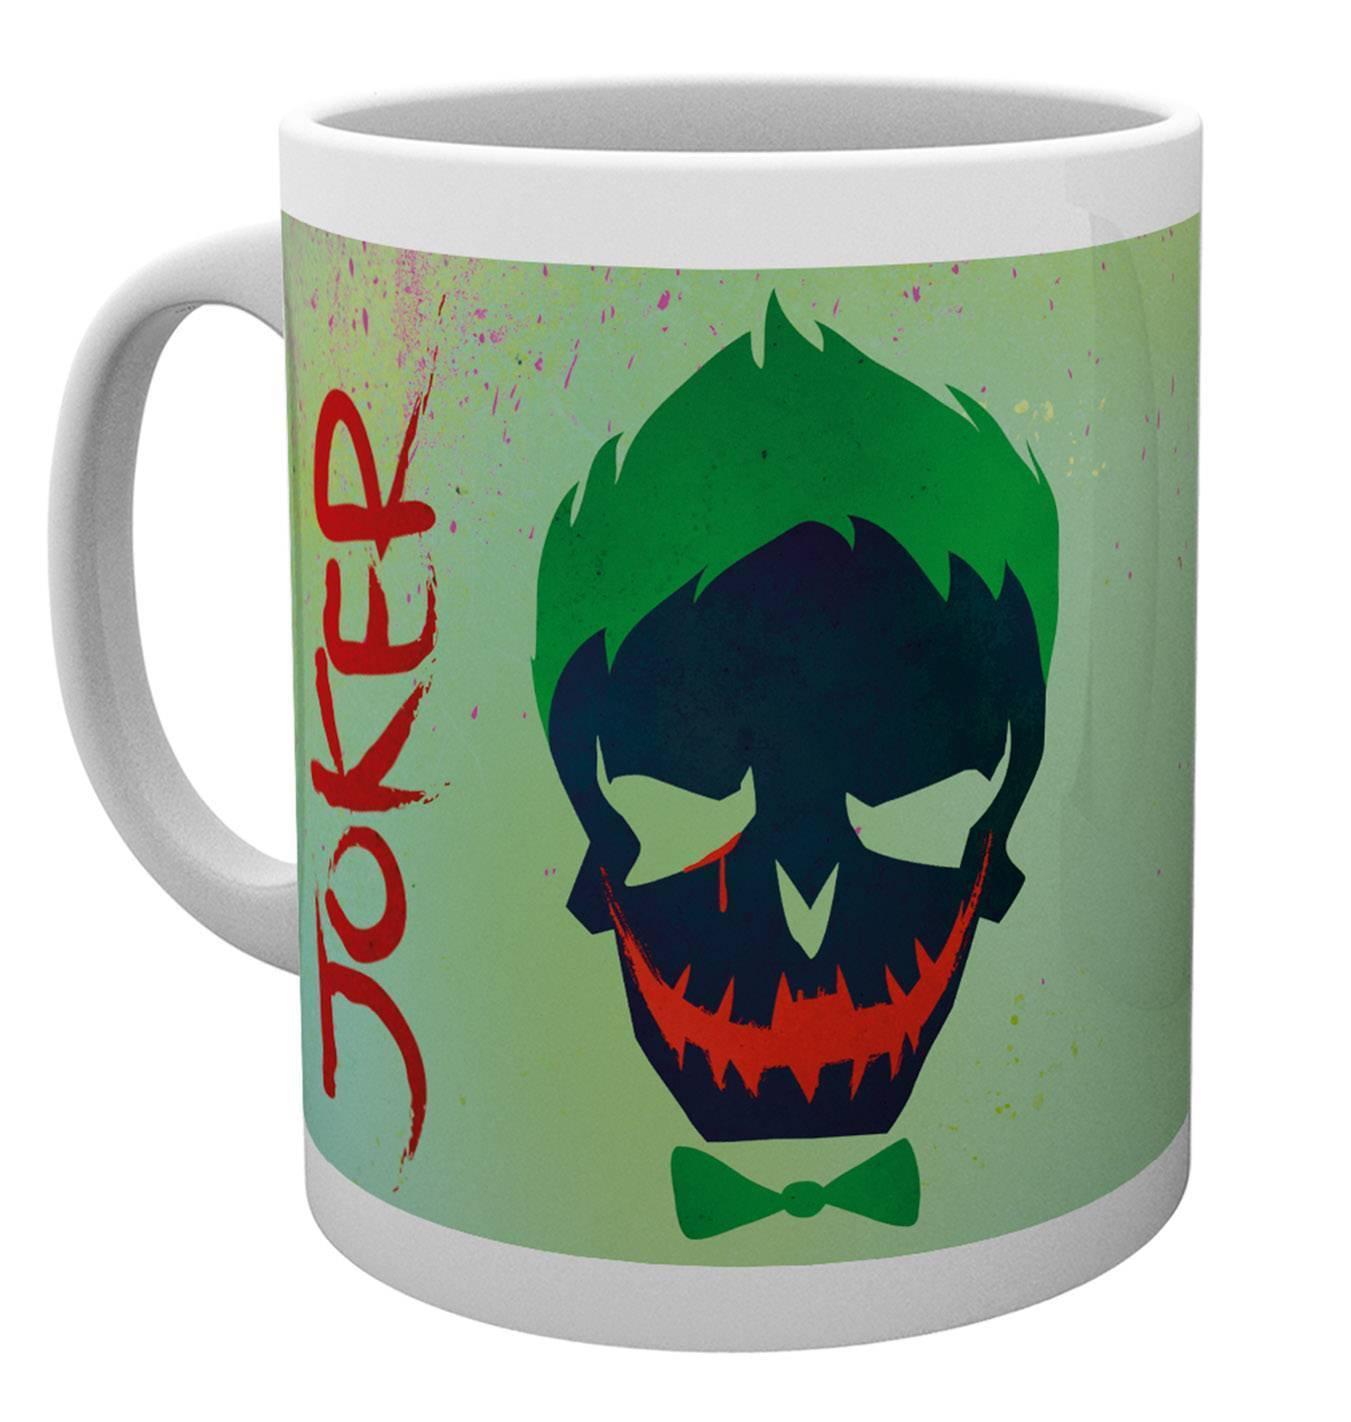 Suicide Squad Joker Skull Mug